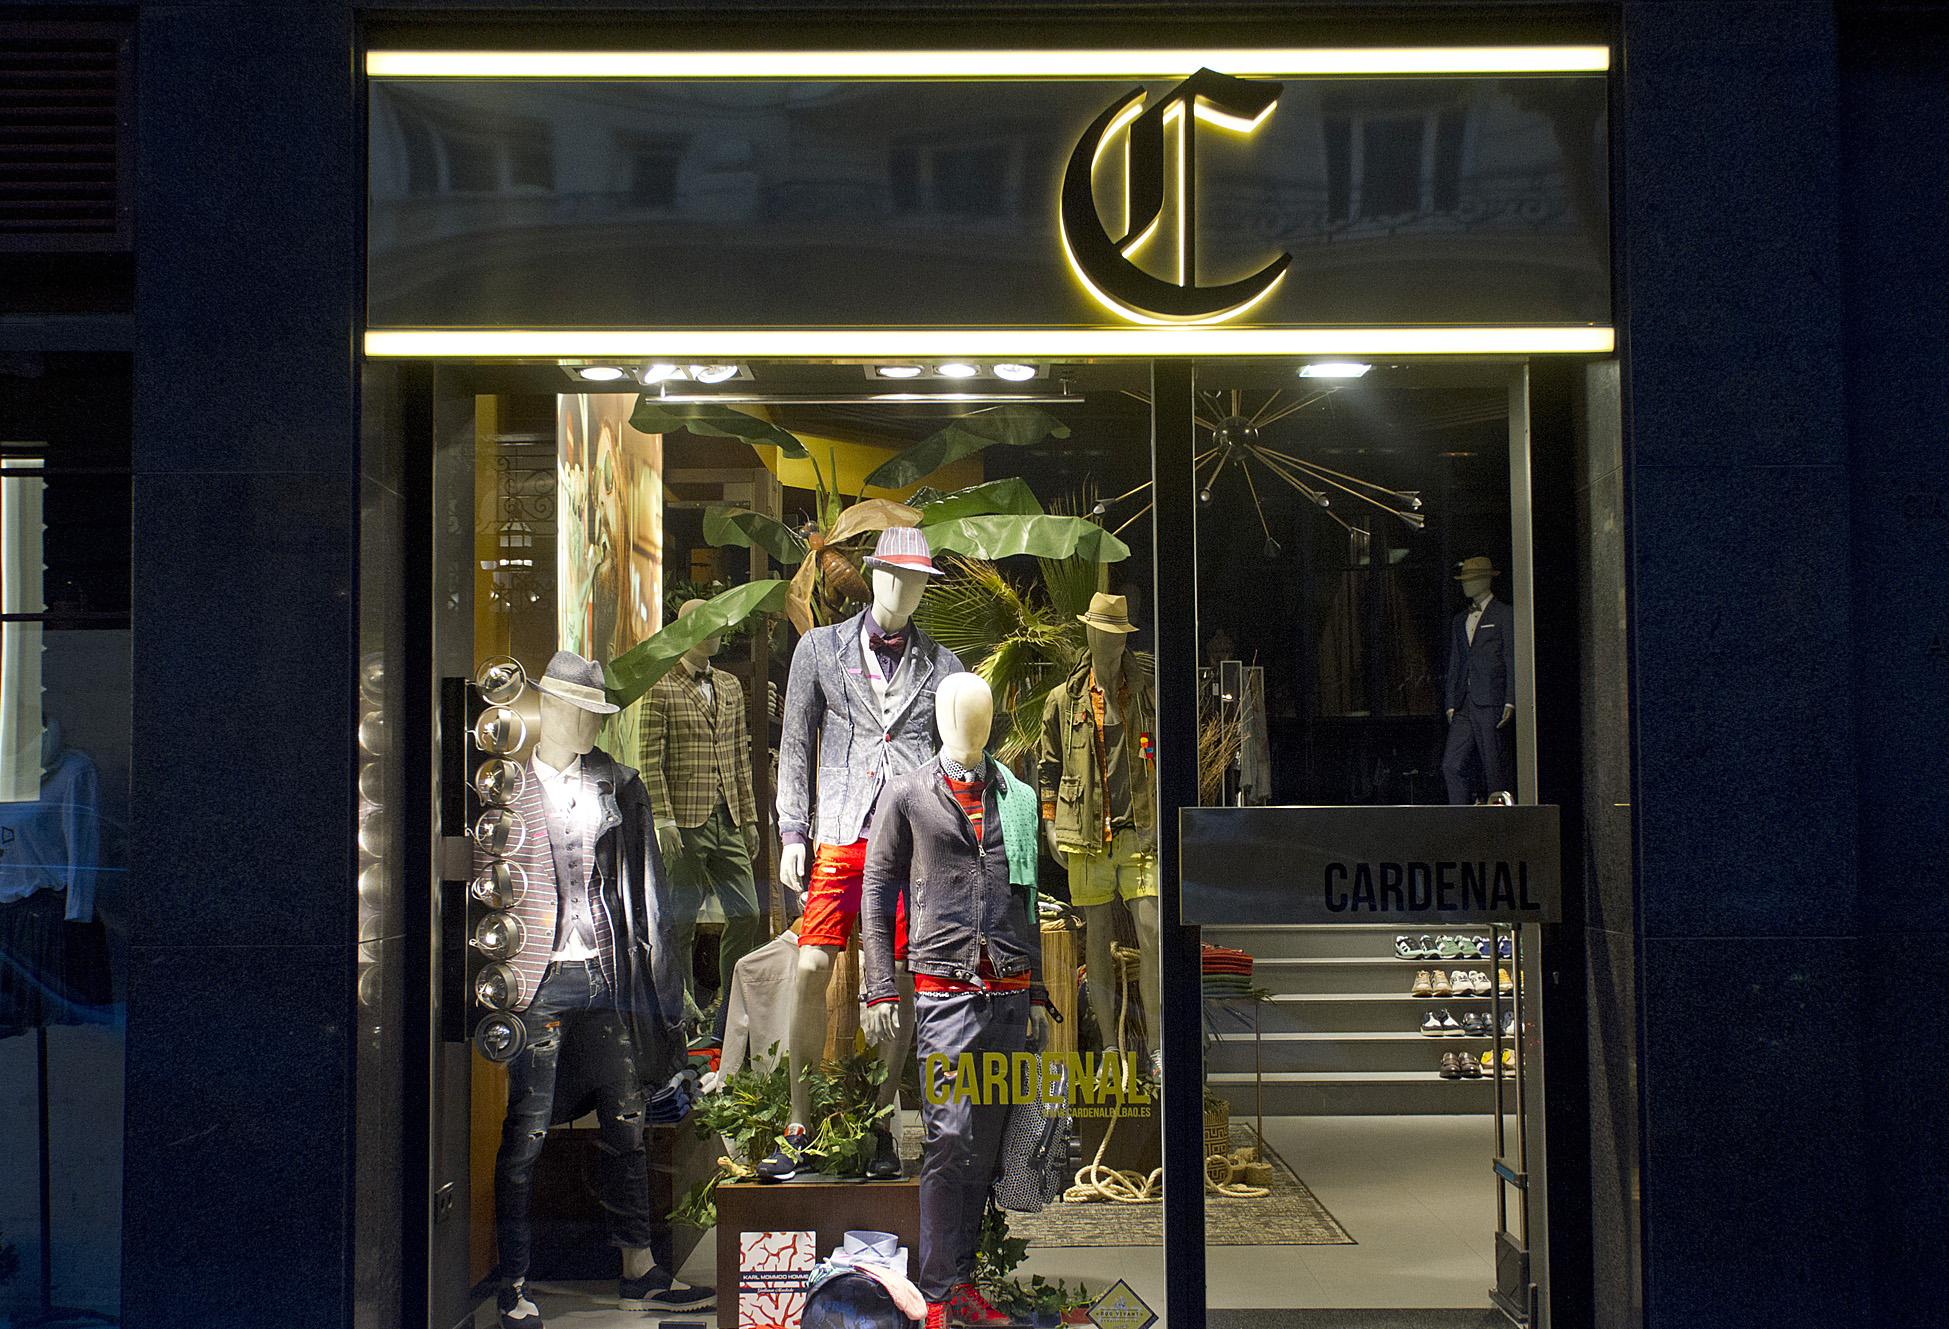 CARDENAL BILBAO Ropa Hombre Fashion Men Escaparates (1)